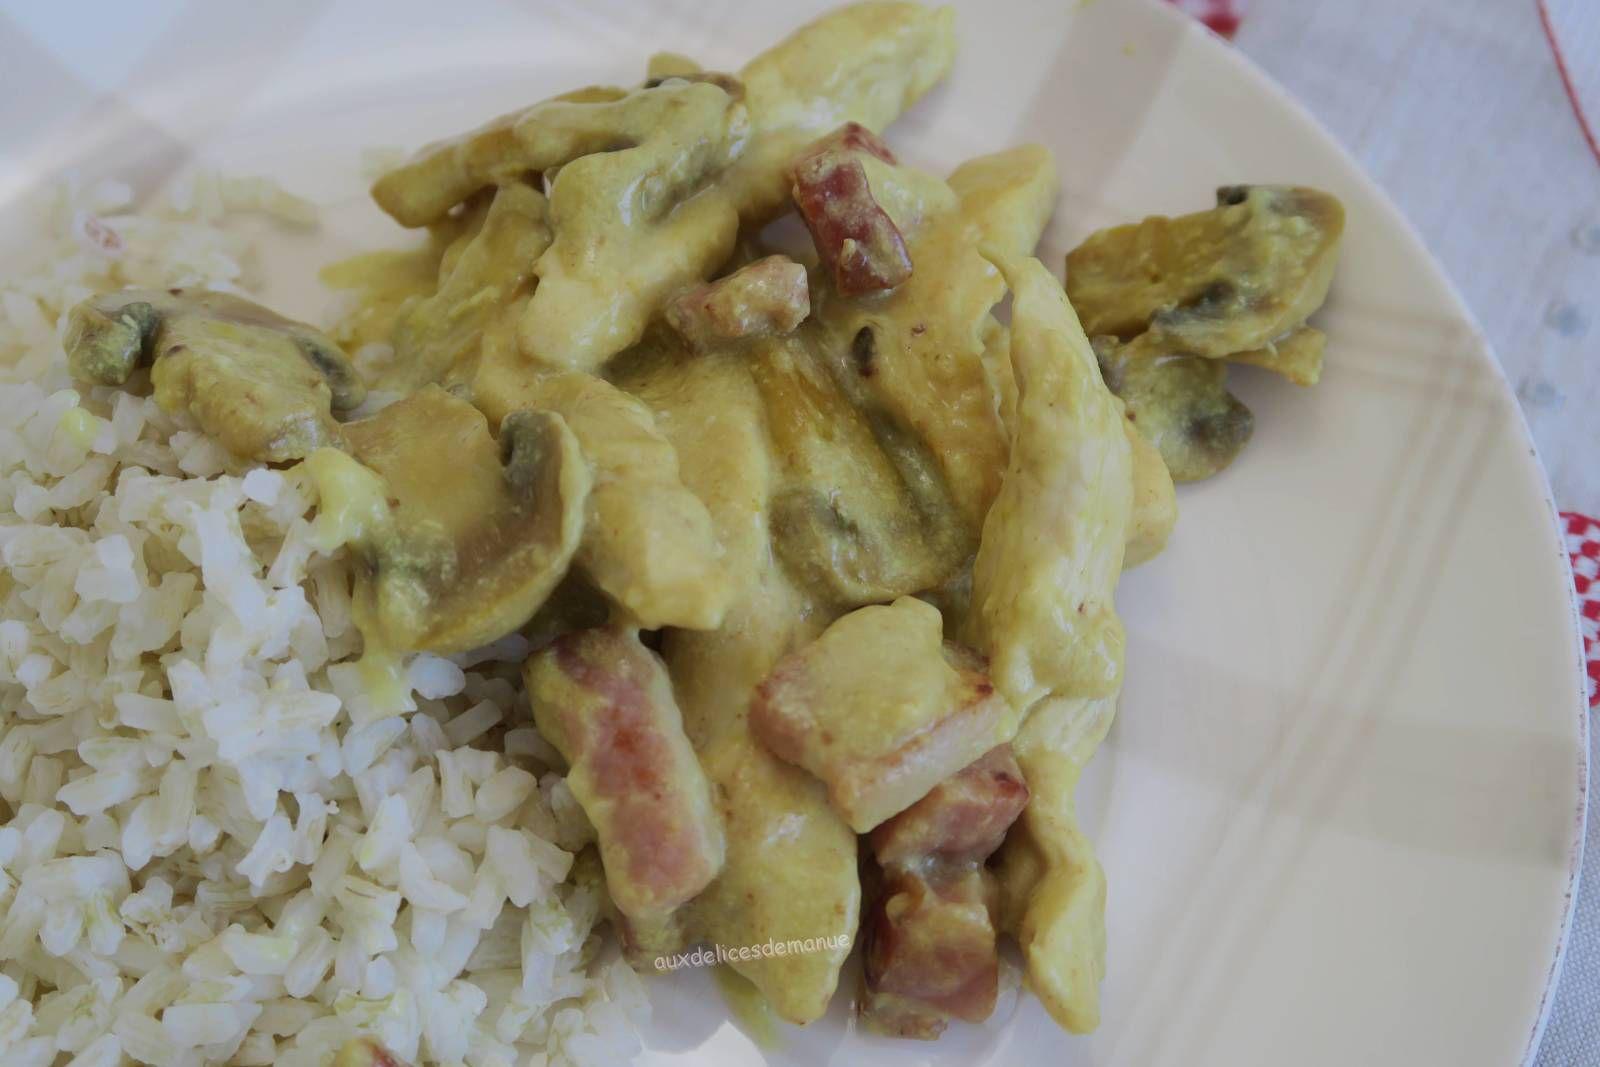 poulet,émincés,volaille,poitrine fumée,champignons,curcuma,lardons